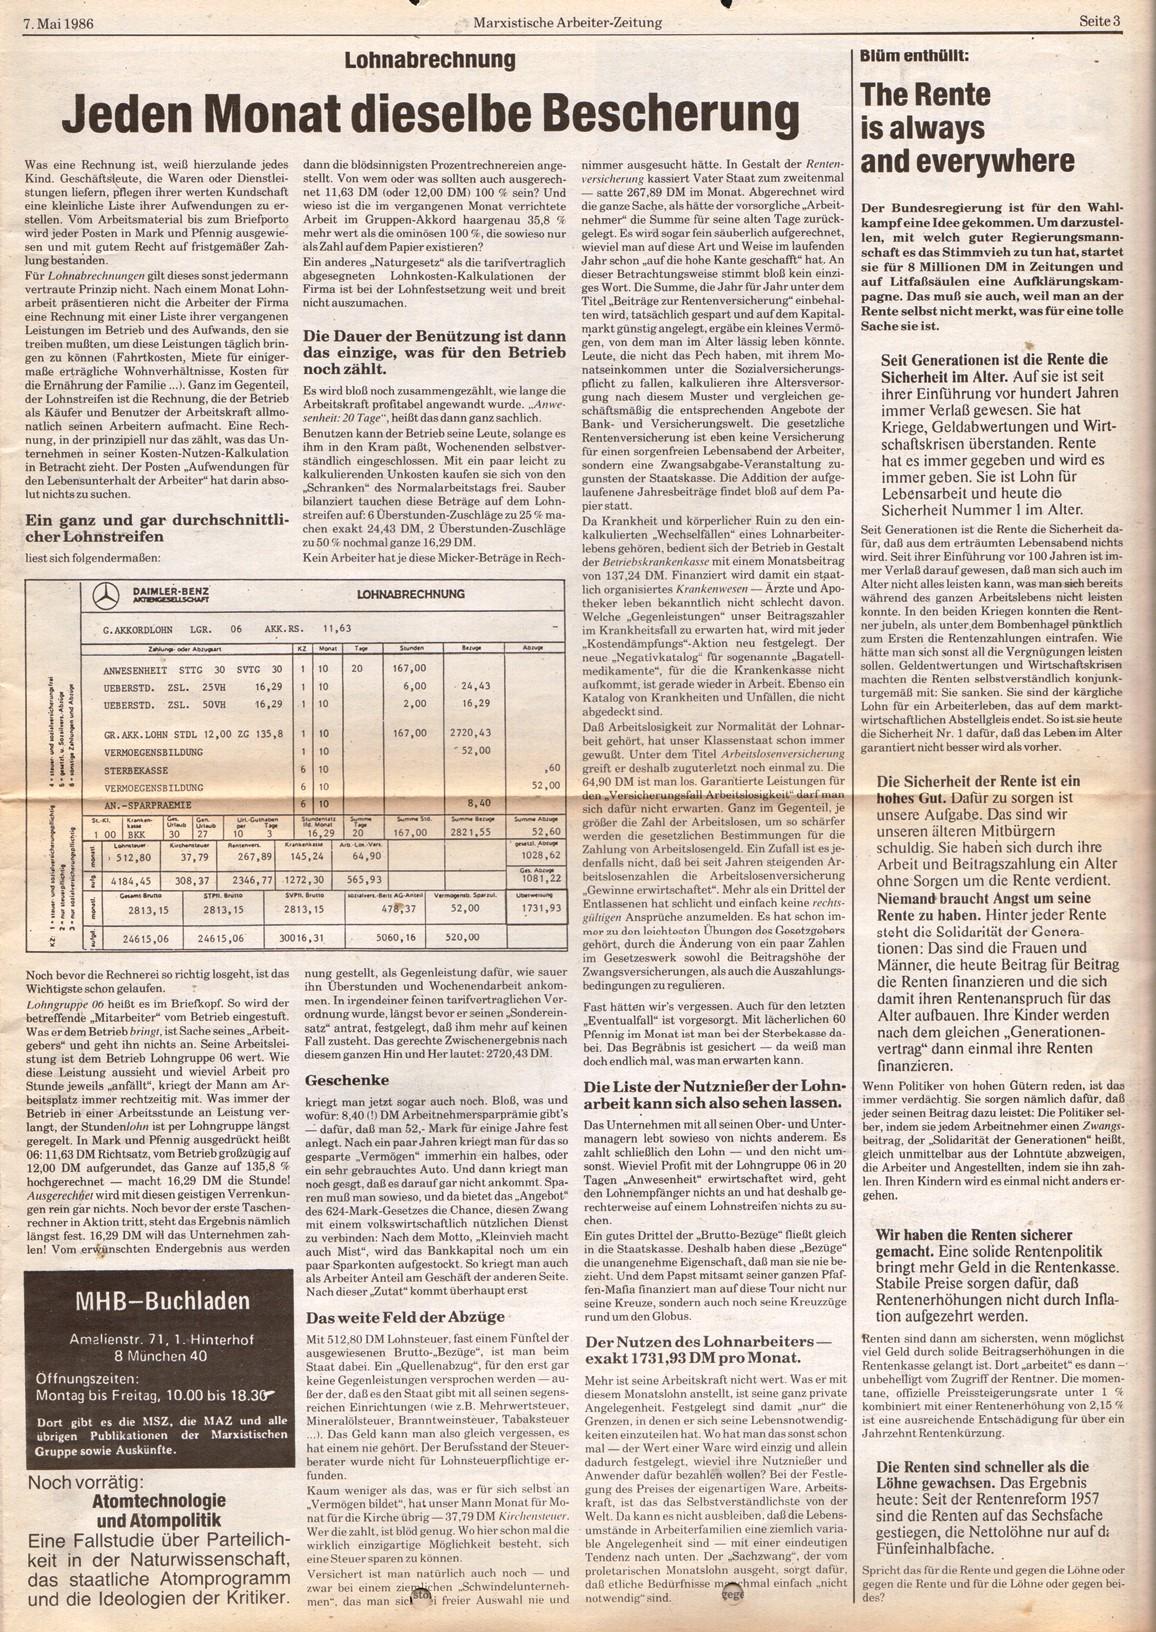 Muenchen_MG_MAZ_Versicherungen_19860507_03